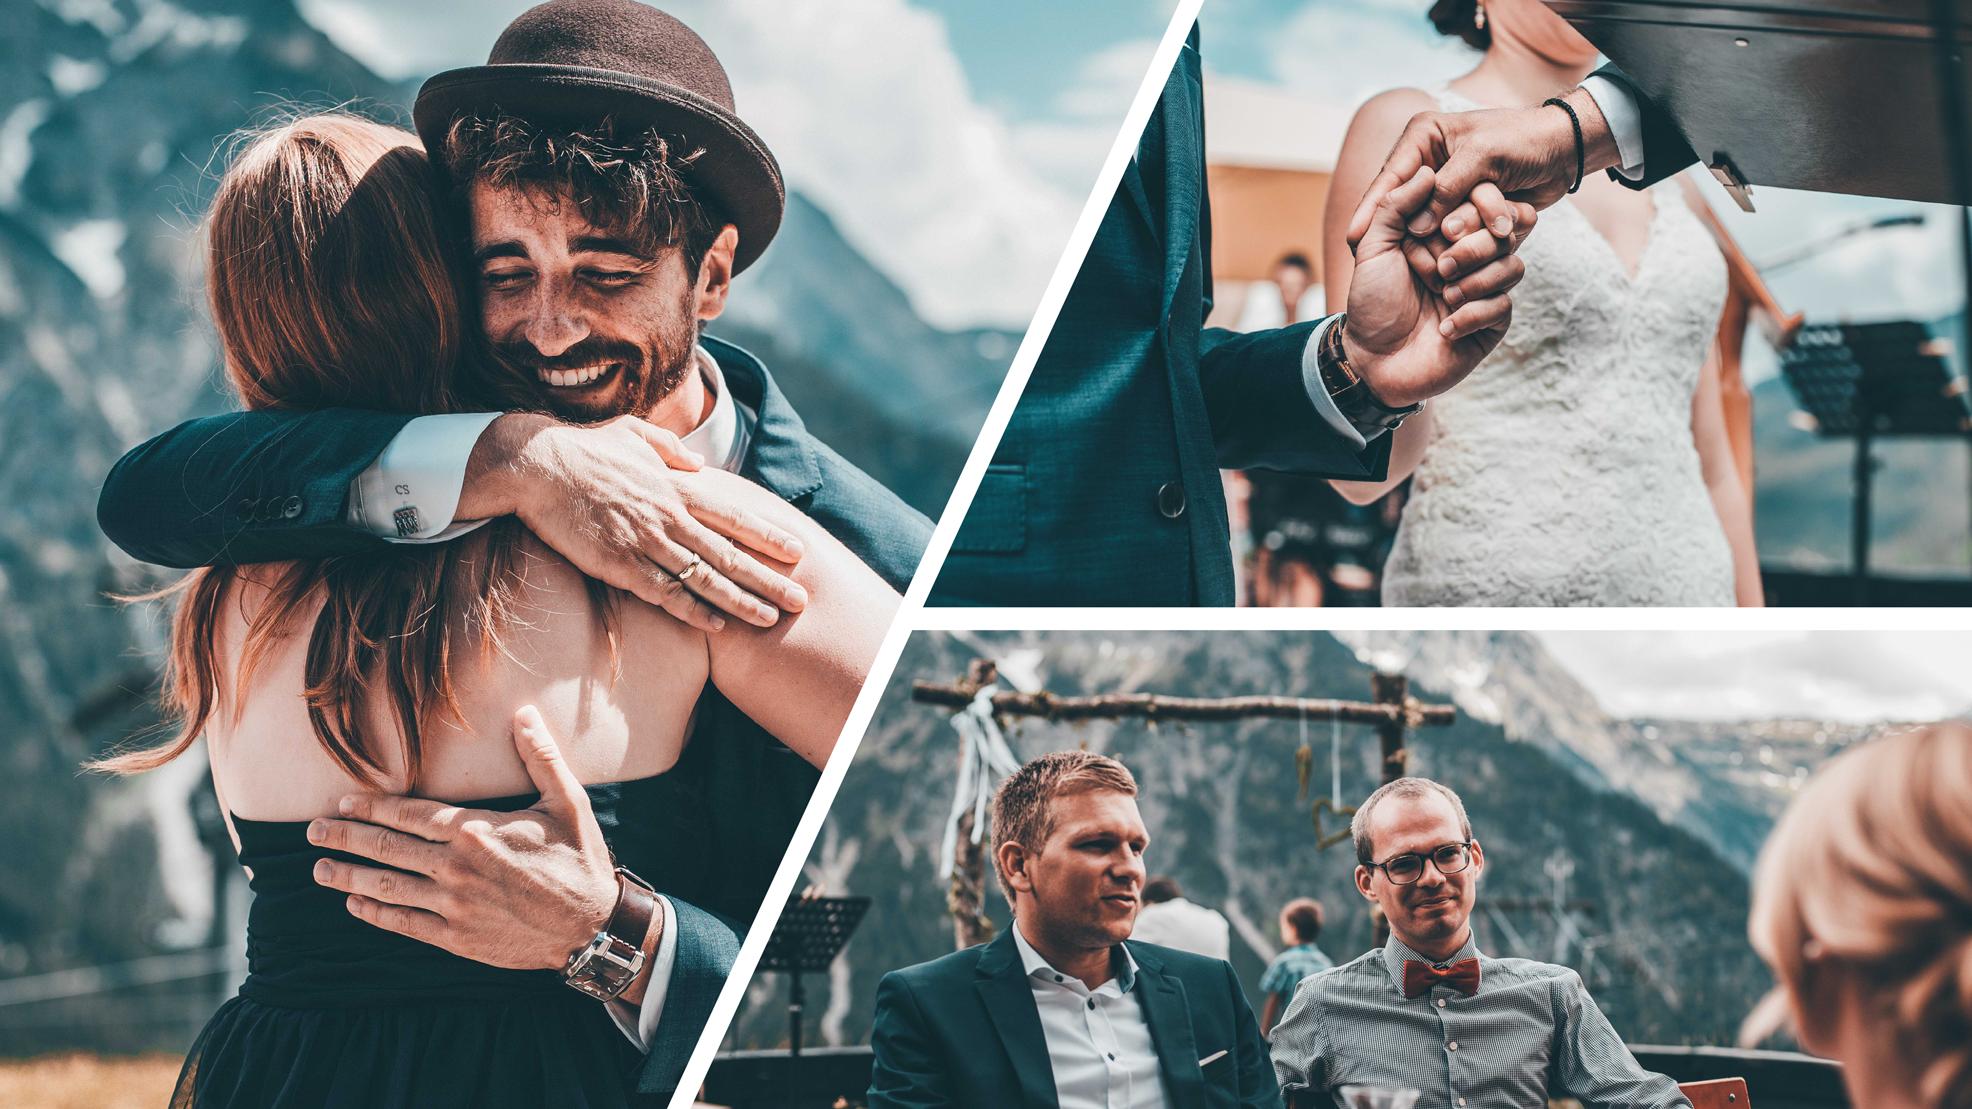 LIEBEVOLL - Die bedingungslose Liebe ist einzigartig und wird an einem der wichtigsten Tage gefeiert. Der Tag des Versprechens!Eure Hochzeit.